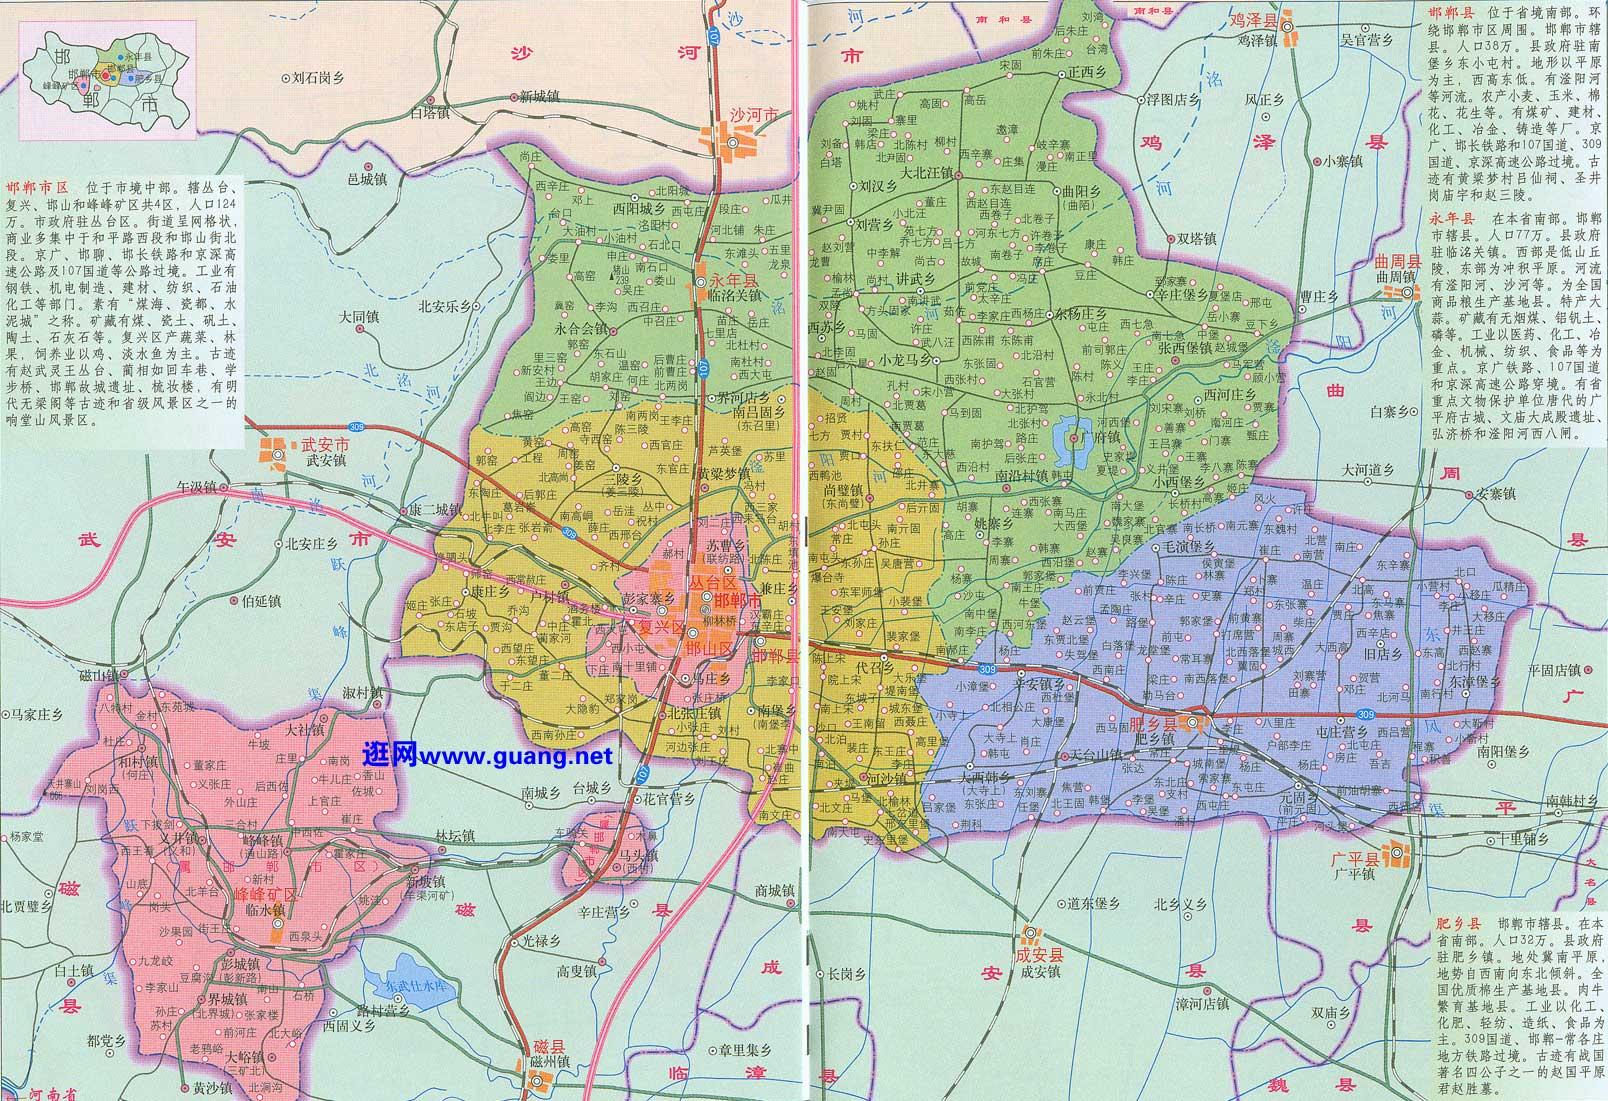 如何下载邯郸市卫星地图高清版大图_www2... _邯郸地图高清版大图